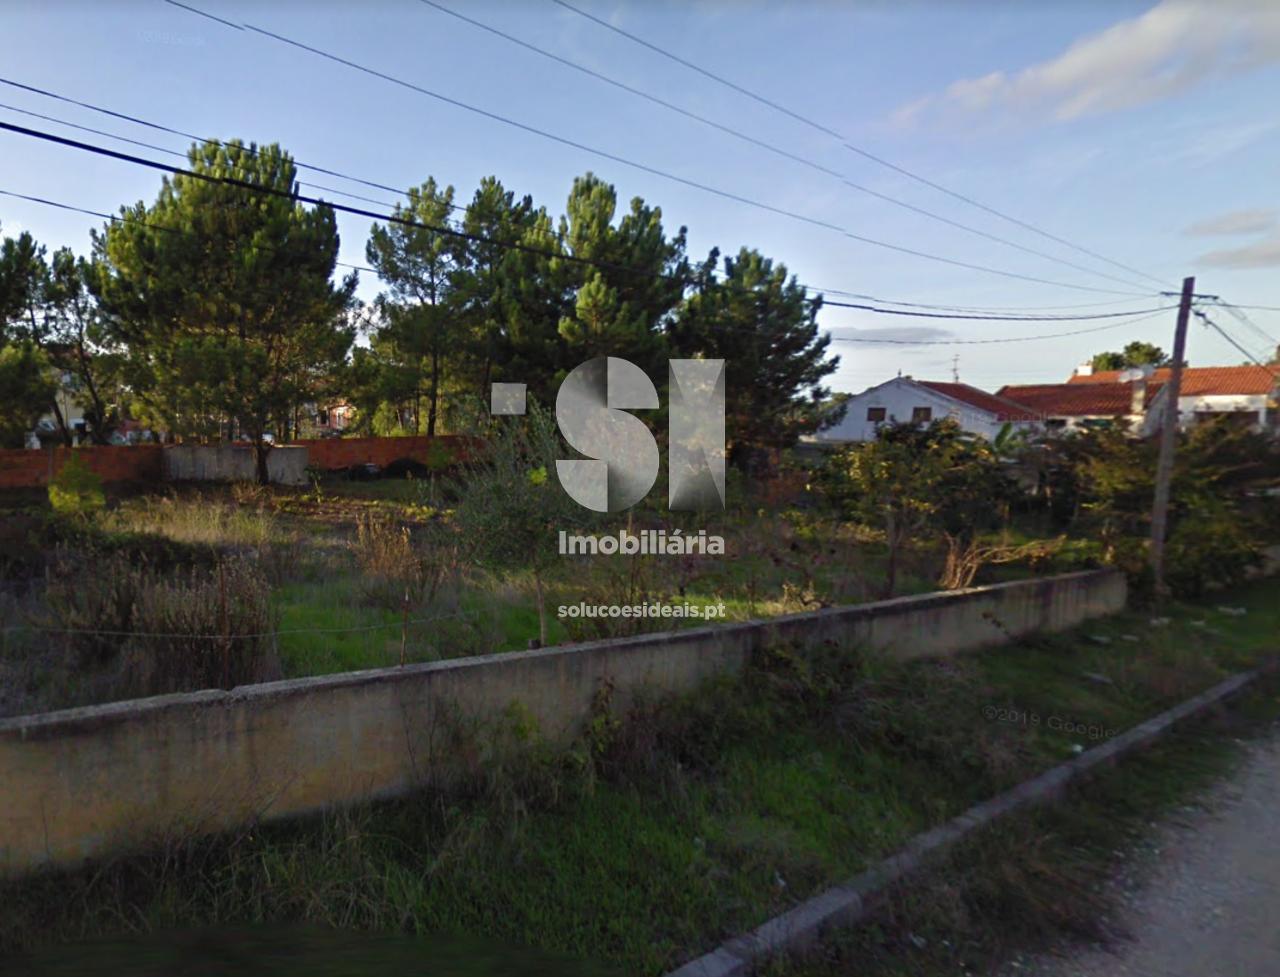 terreno para compra em seixal fernao ferro ALMCC813